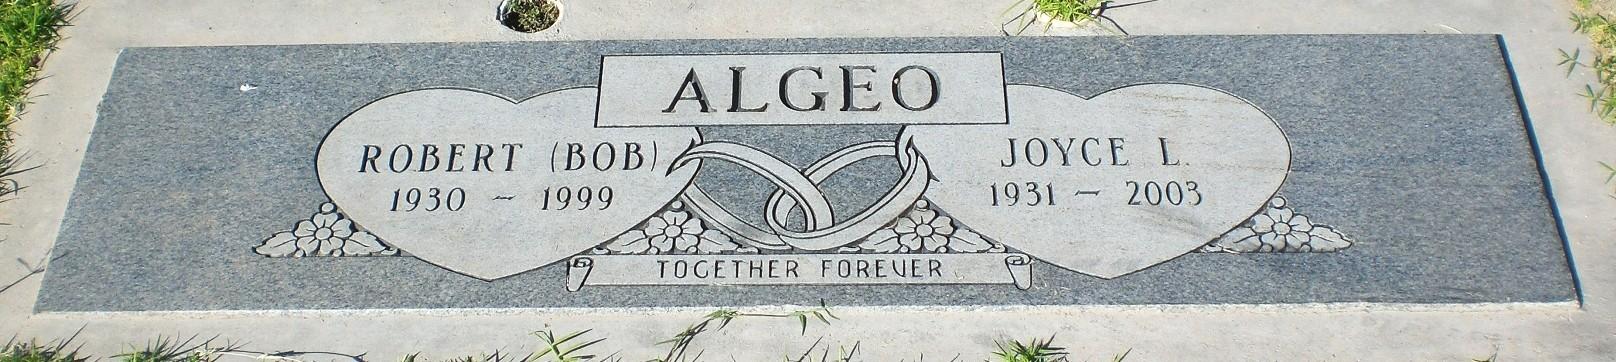 Joyce L. Algeo